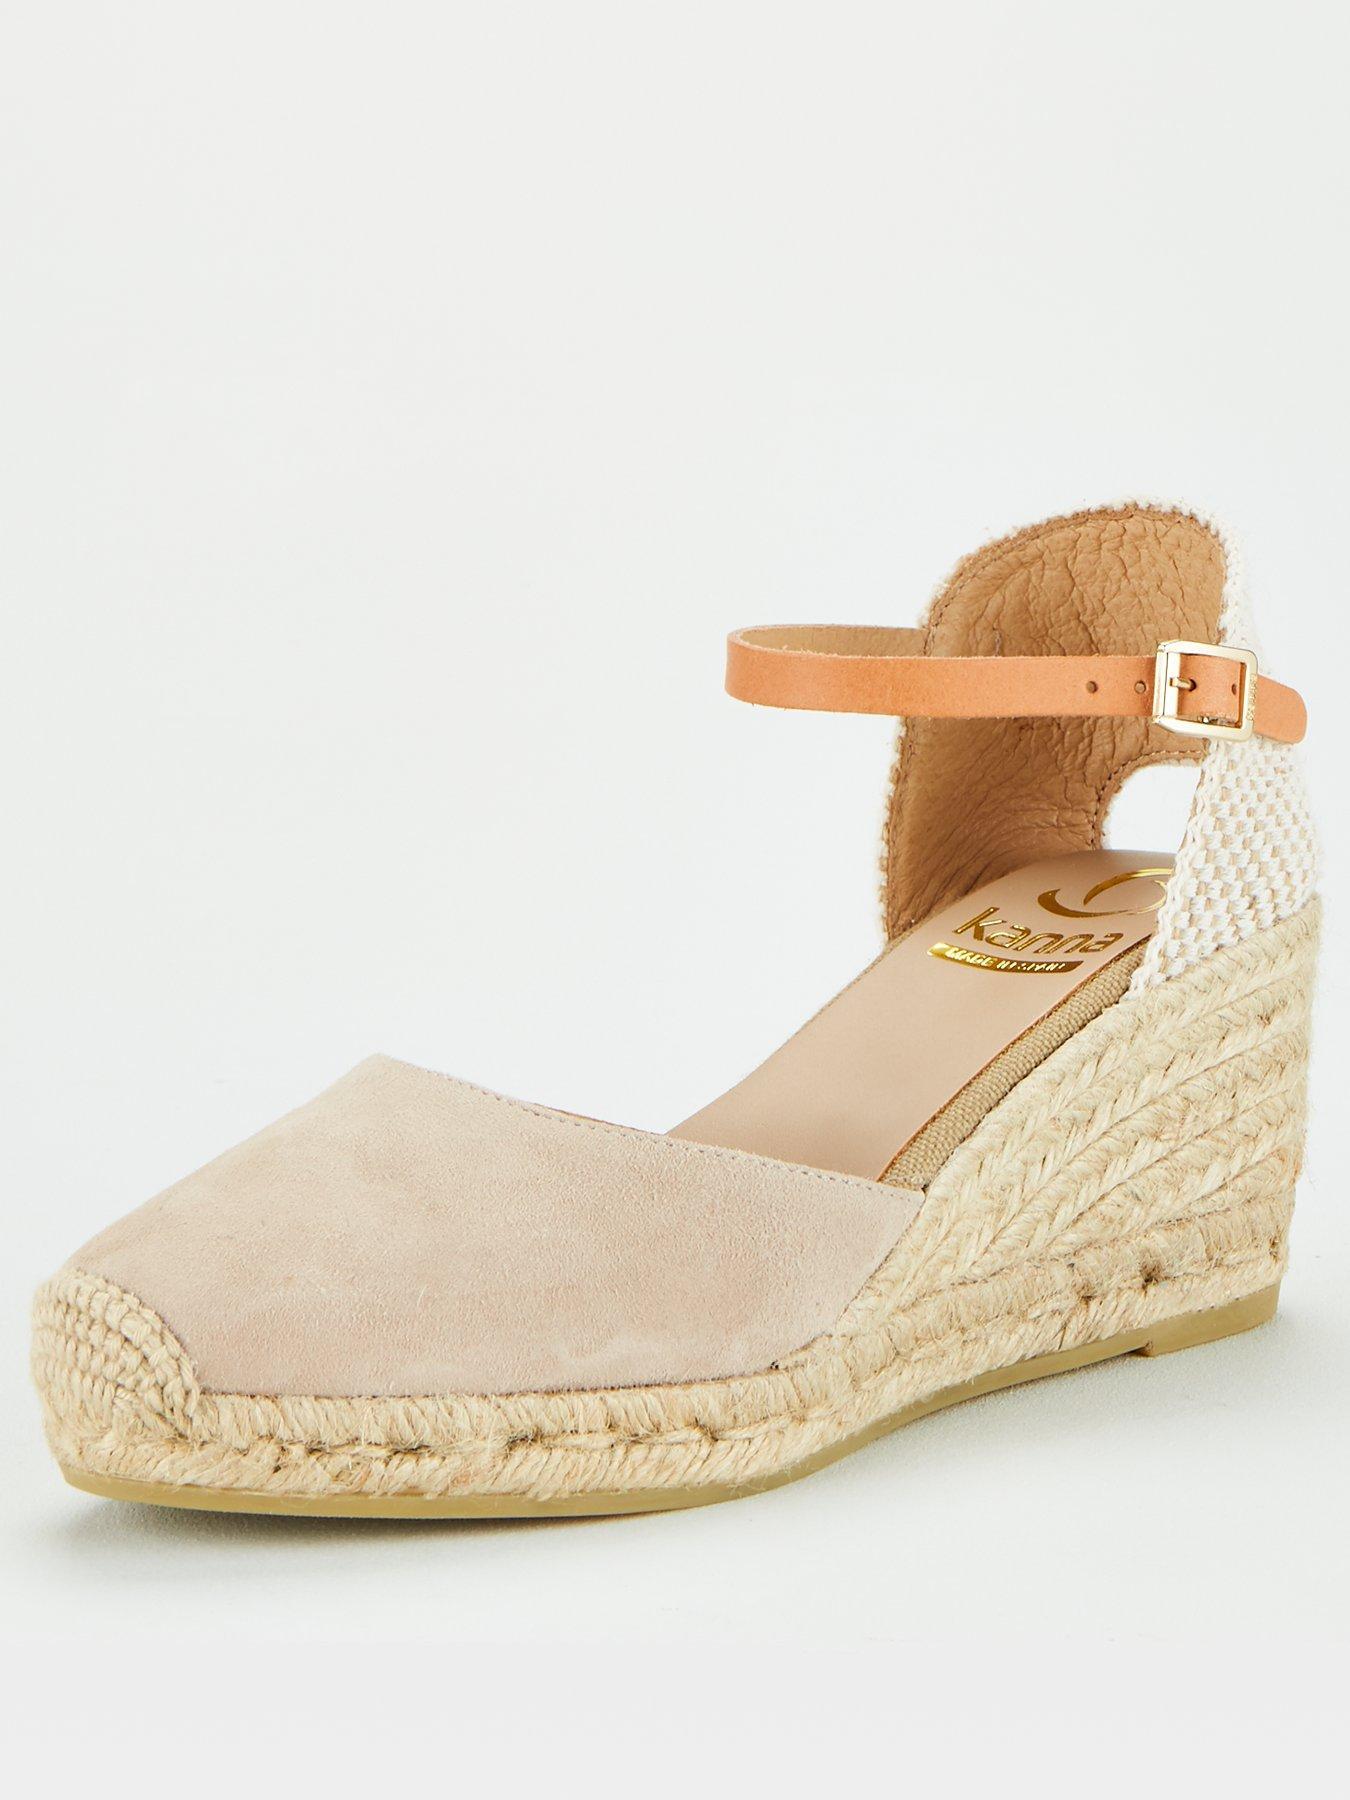 DESIRE-71-52 WOMEN EMBROIDERED VELVET SLIP ON FOREVER FOOTWEAR TAUPE